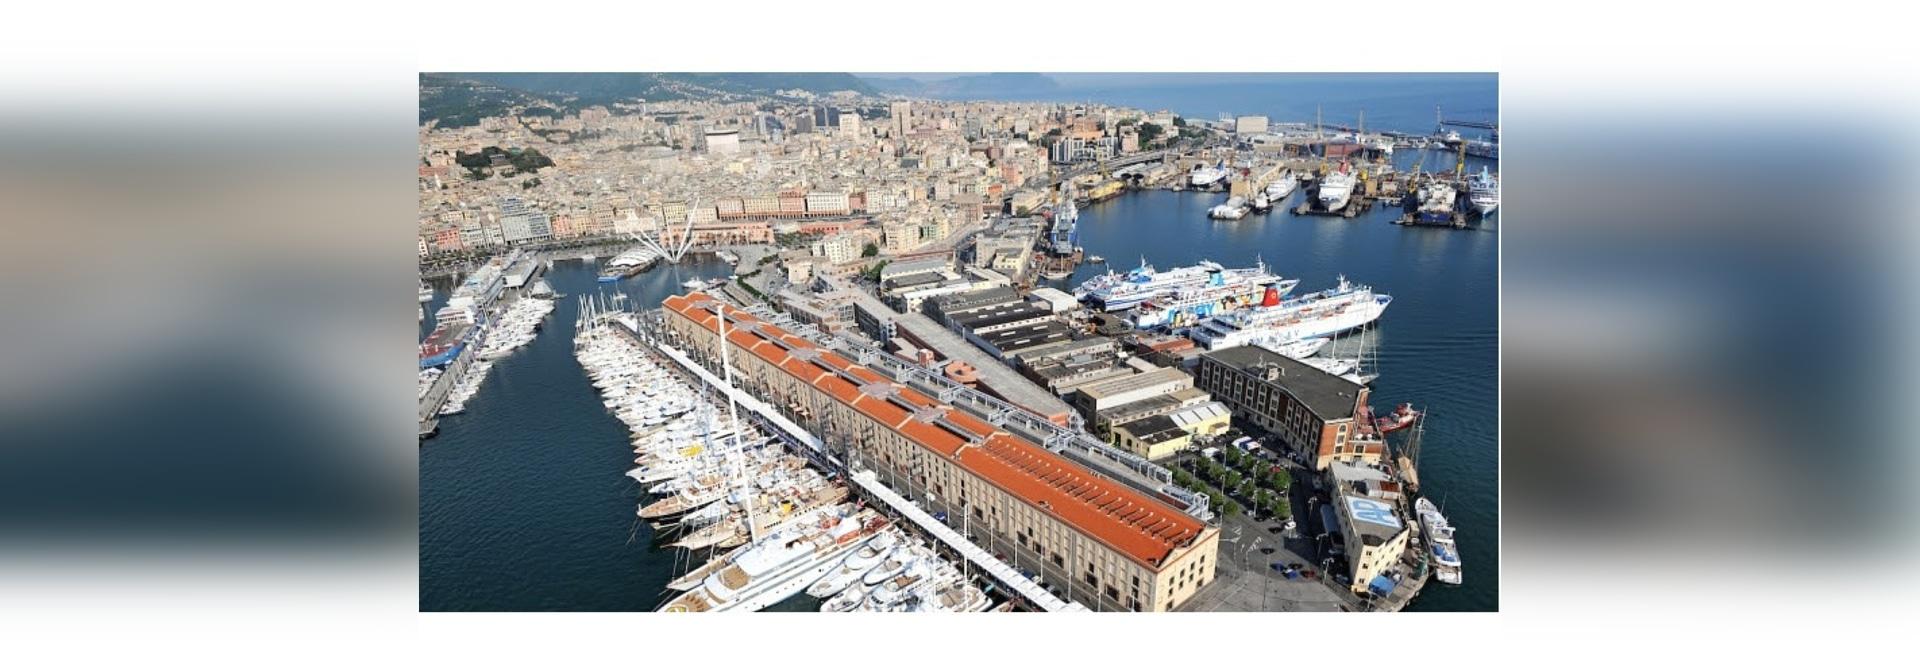 Se anuncian los ponentes y el orden del día de la Cumbre de la Ocean Race #1, en Génova, Italia